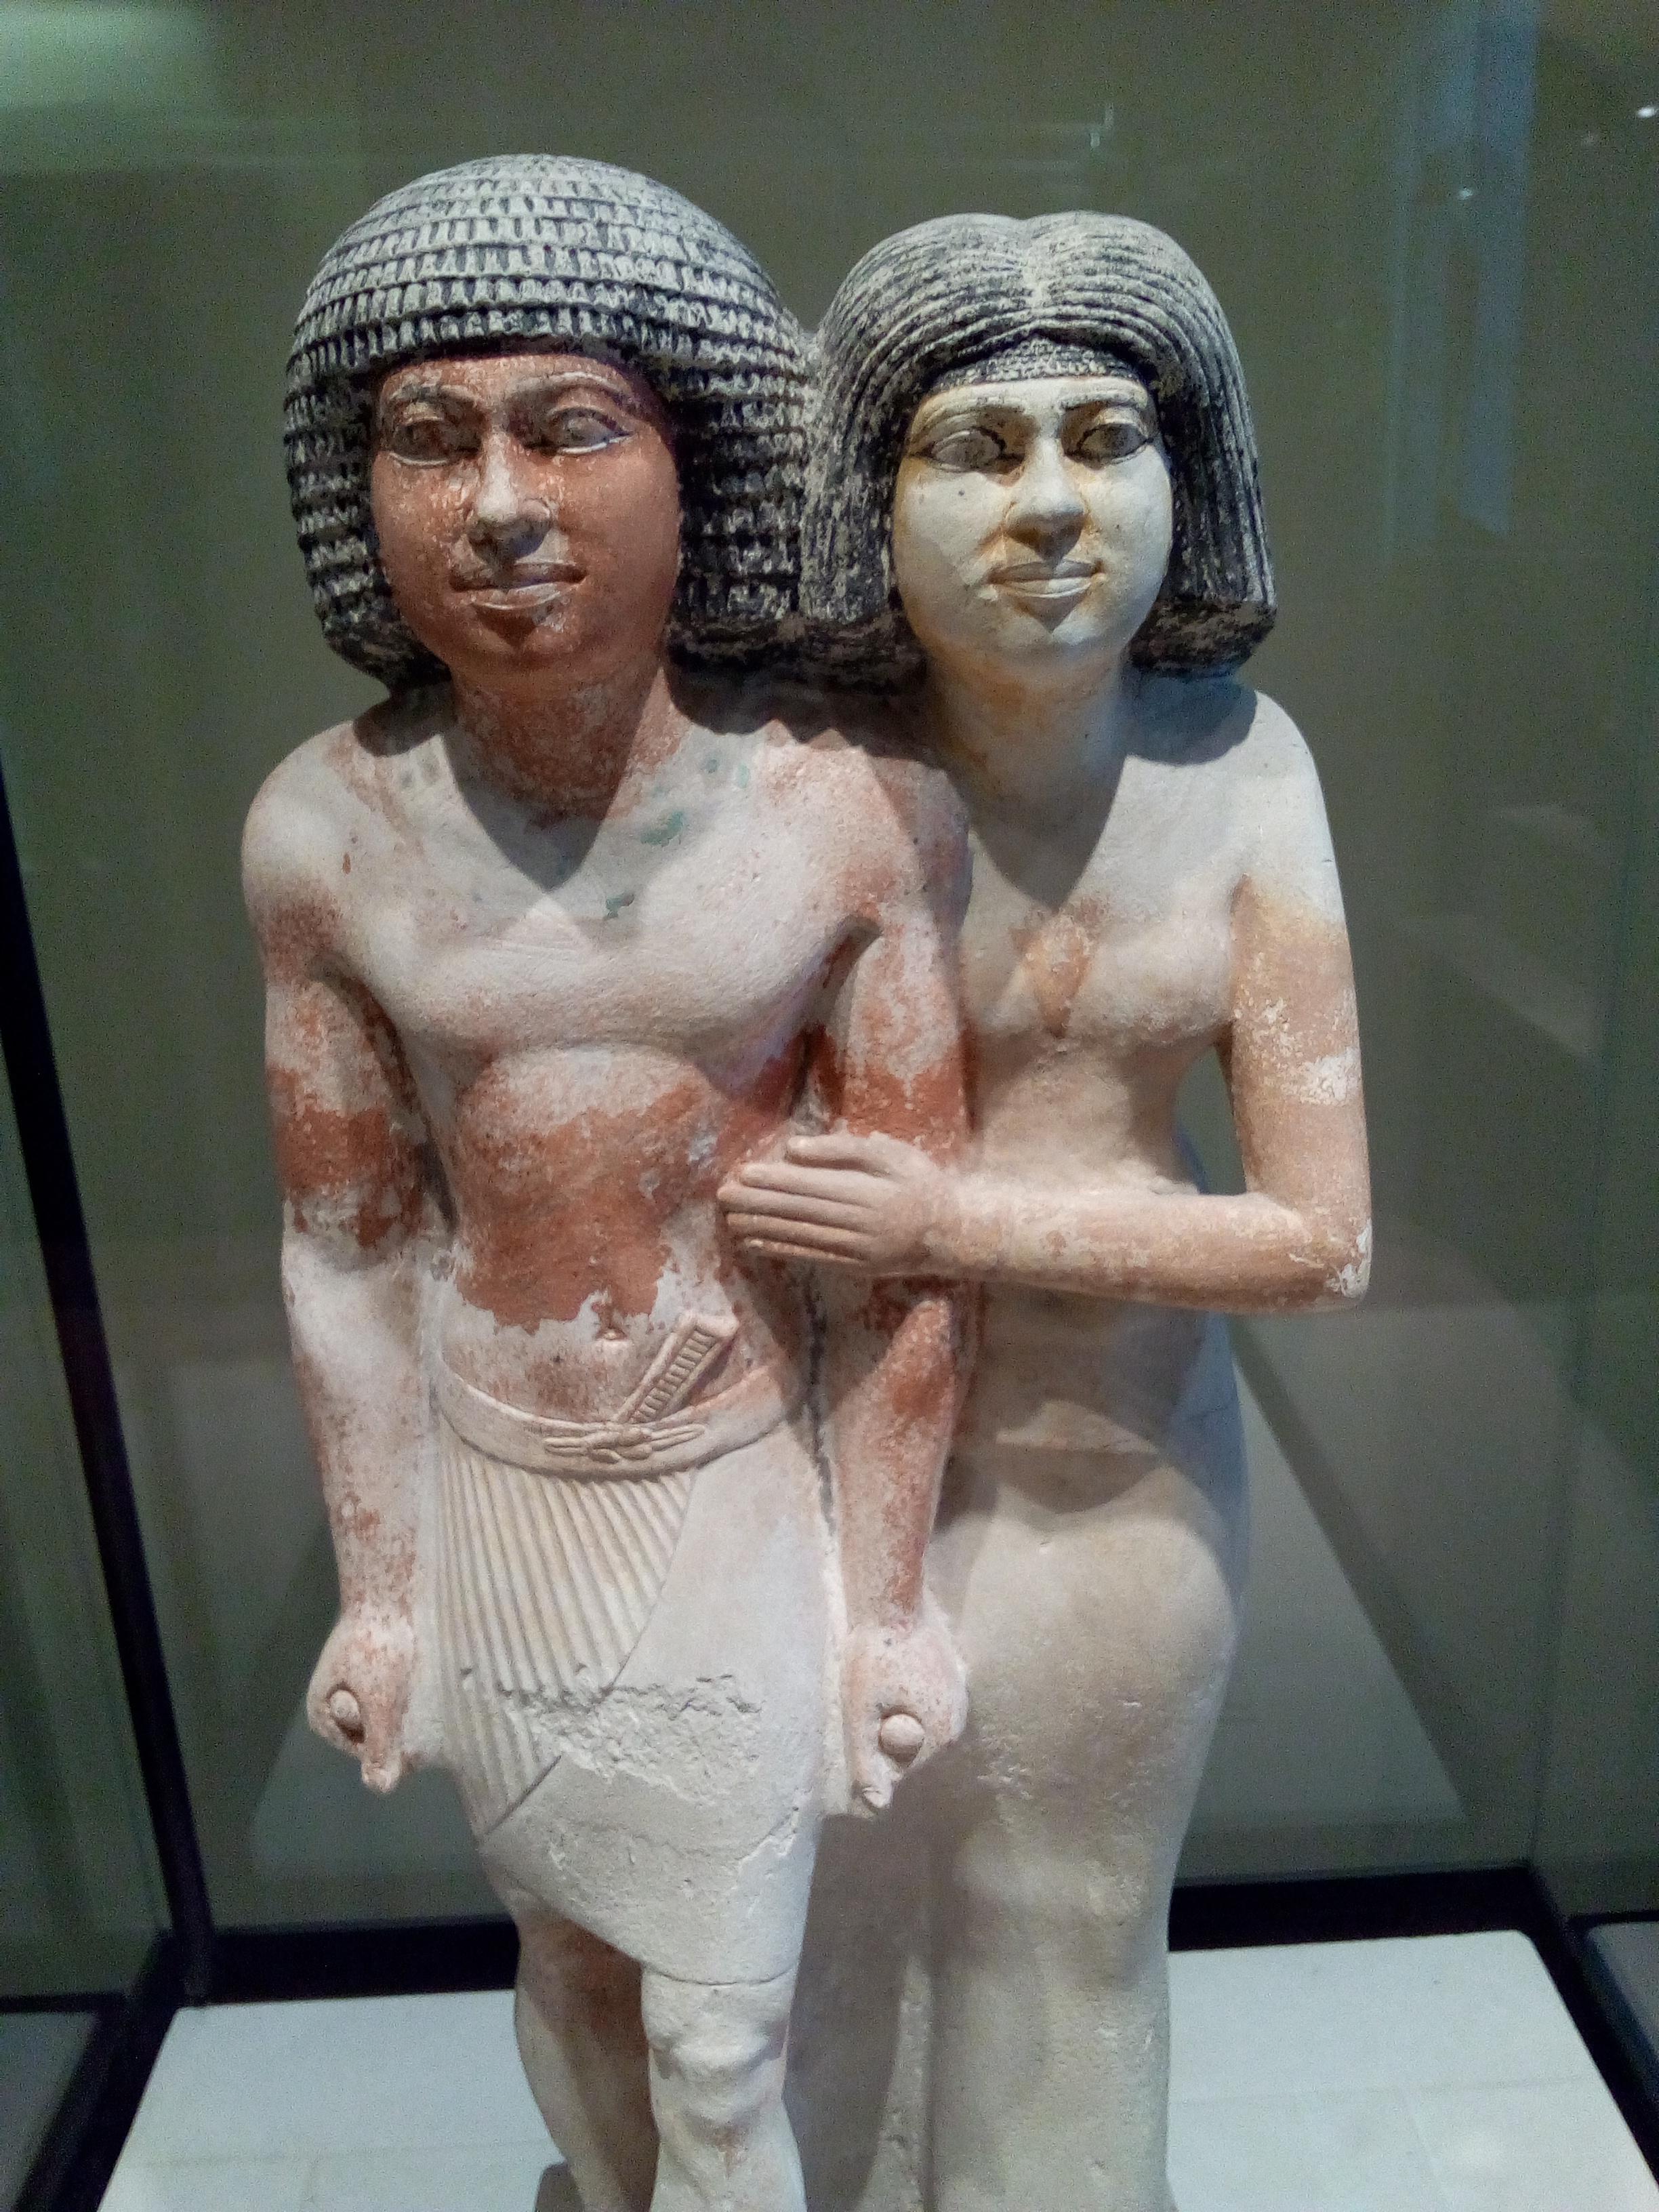 L'inspecteur des scribes Raherka et sa femme Merséânkh vers 2350 avant J.-C., (4e - 5e dynastie), musée Charles X Louvre